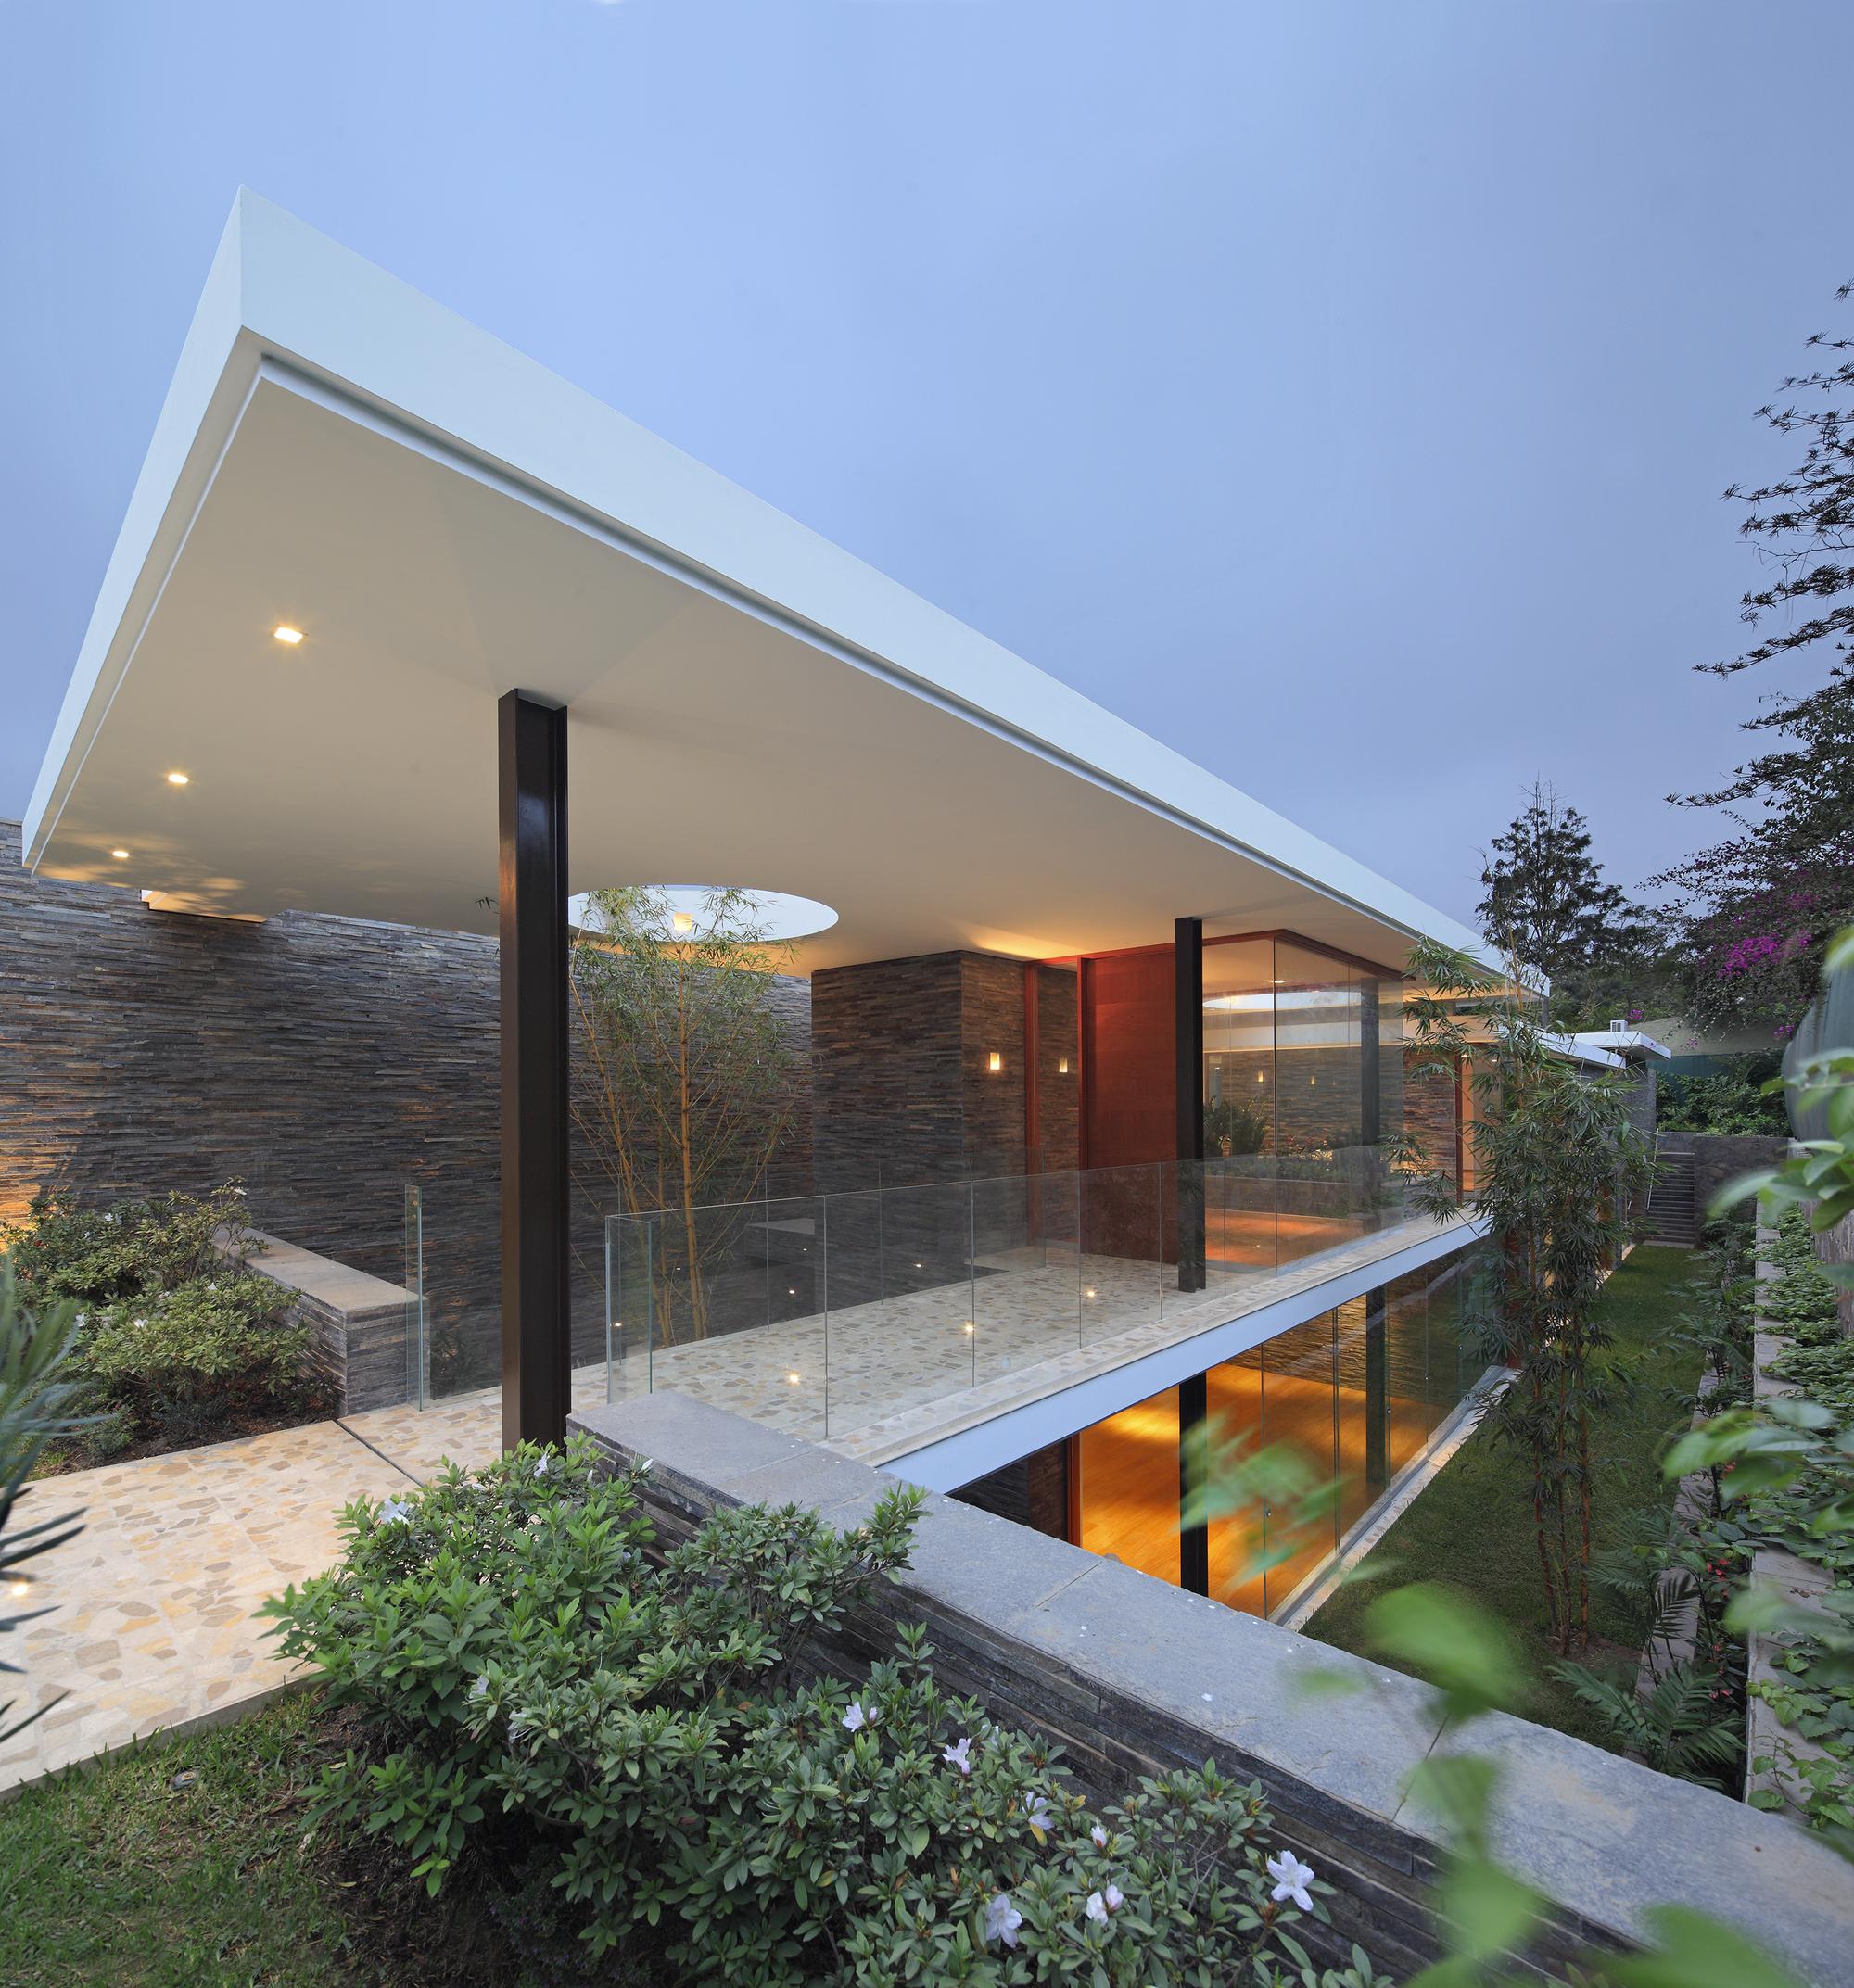 Casa lineal metr polis oficina de arquitectura archdaily - Arquitectura de casas ...